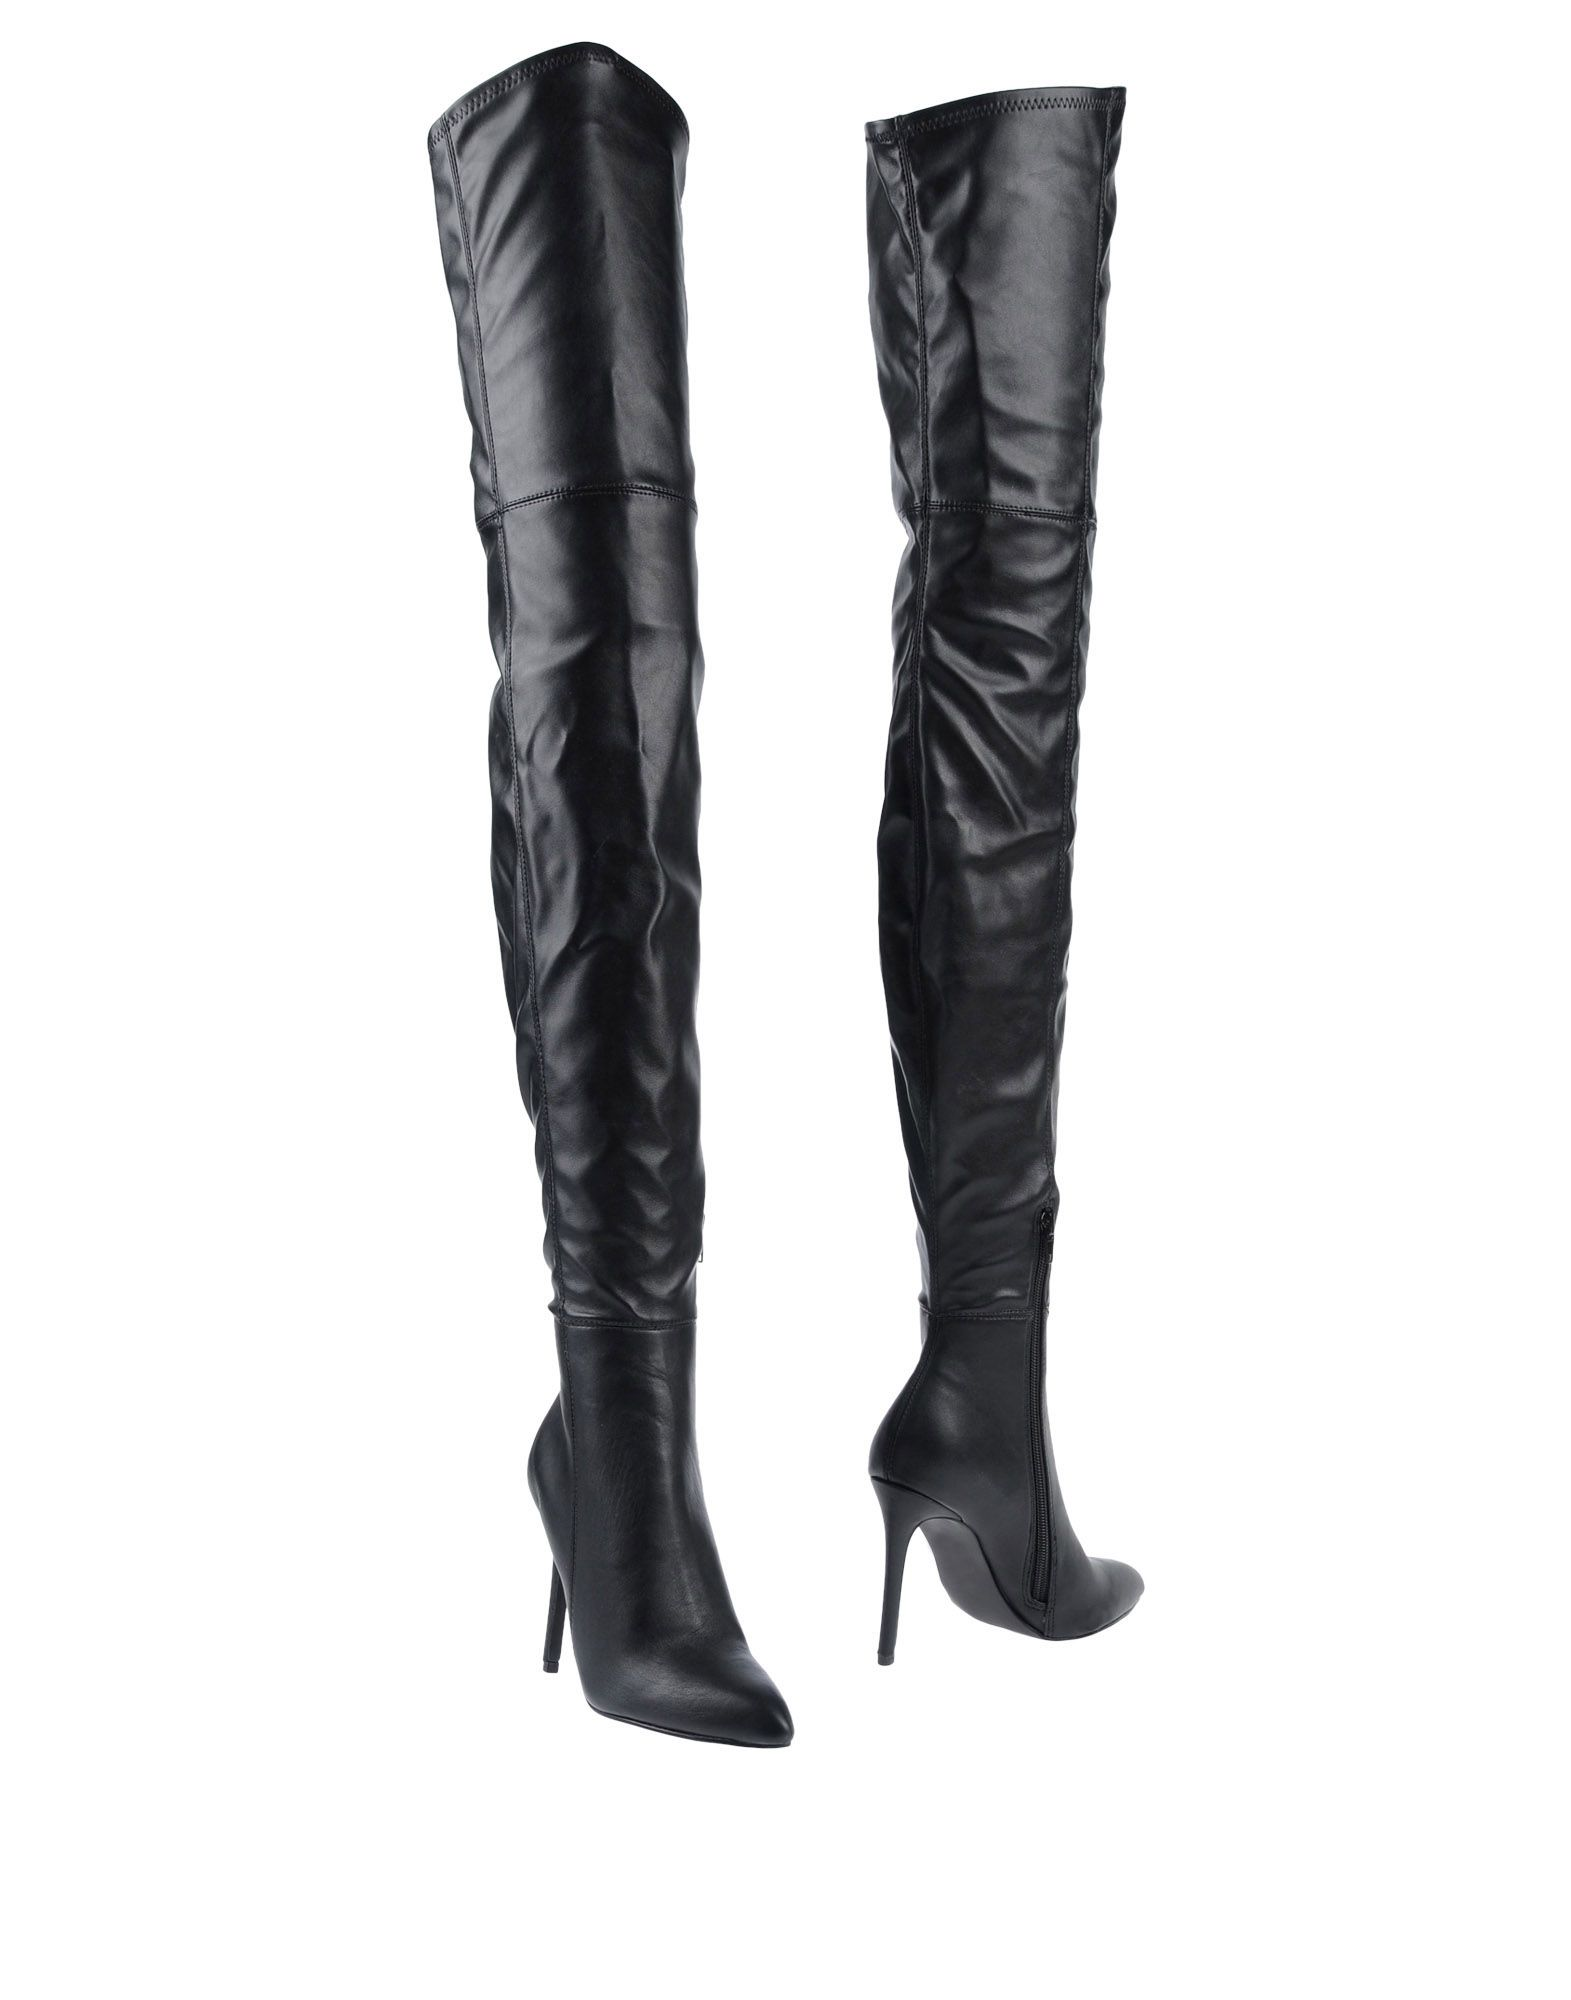 0a7dd294ef Steve Madden Stiefel Qualität Damen 11467290QN Gute Qualität Stiefel  beliebte Schuhe 4b066d